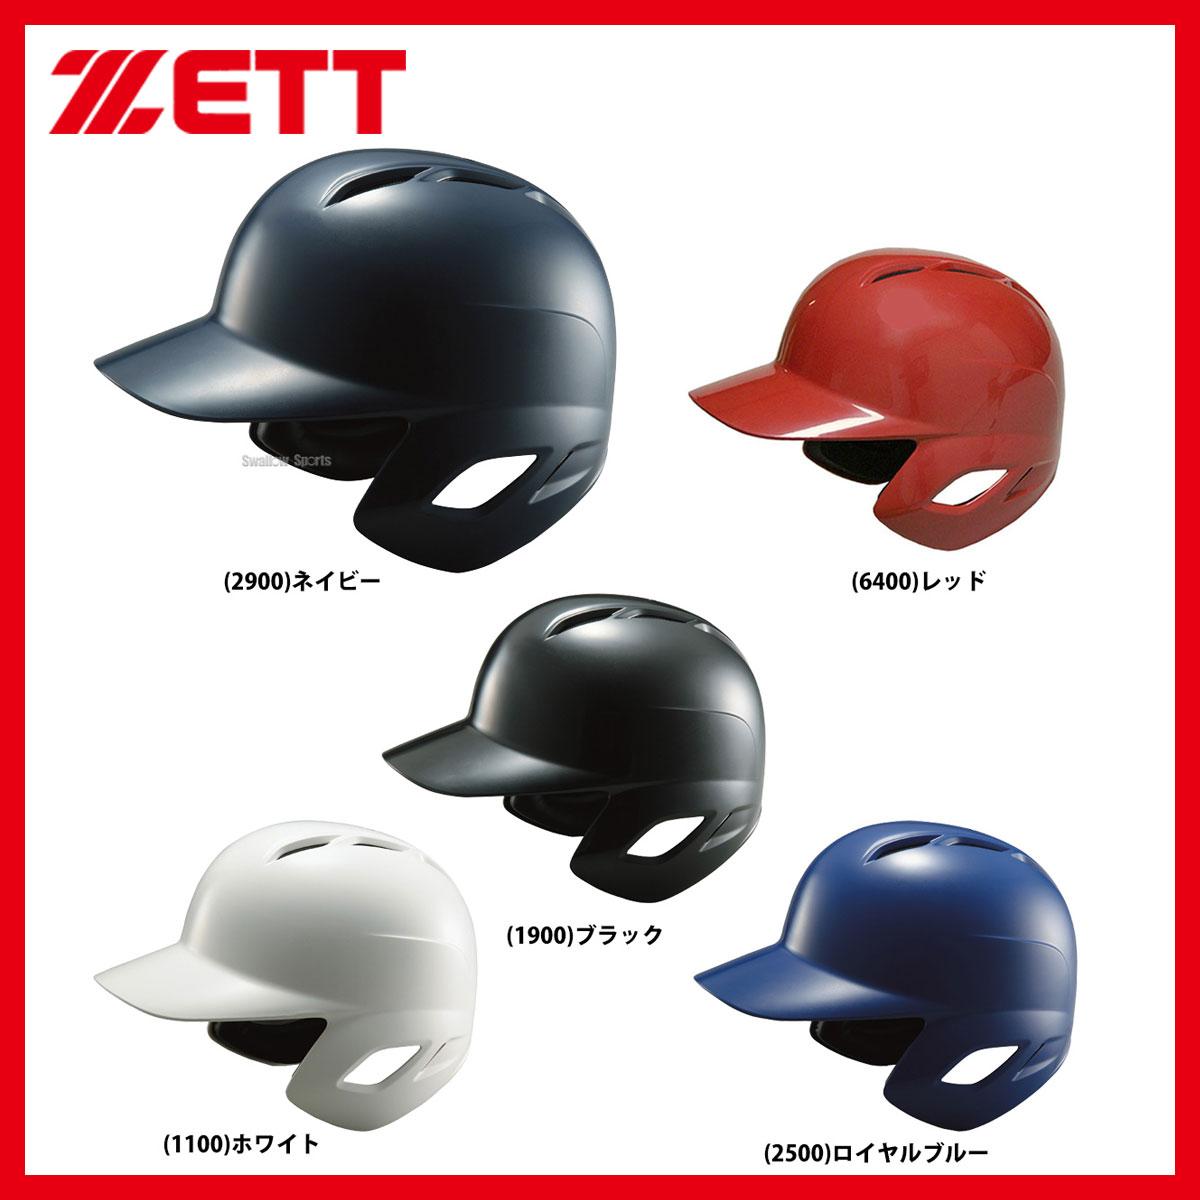 ゼット ZETT ソフトボール用 バッティング ヘルメット BHL570 ヘルメット 両耳 ZETT 野球部 野球用品 スワロースポーツ